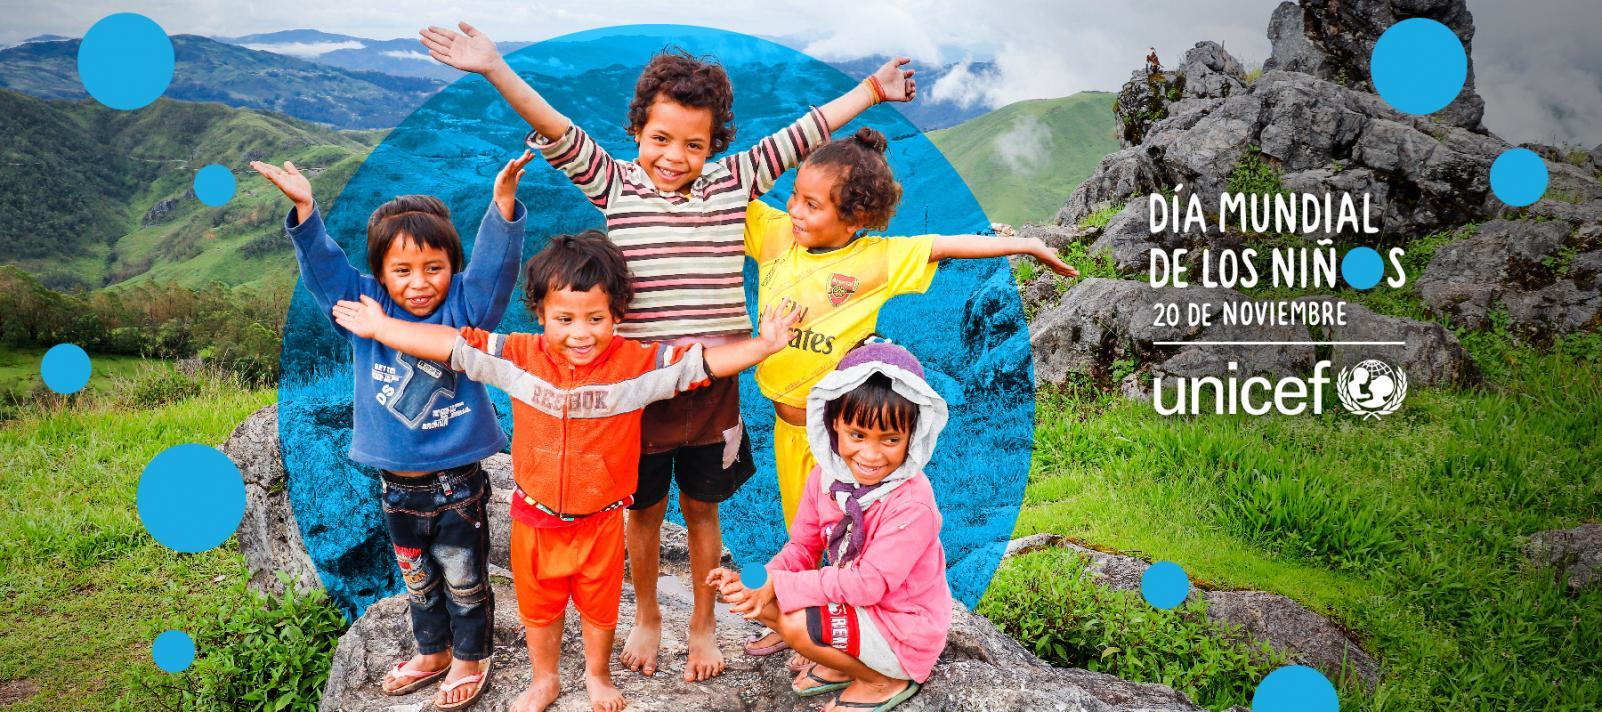 Día Mundial de los Niños